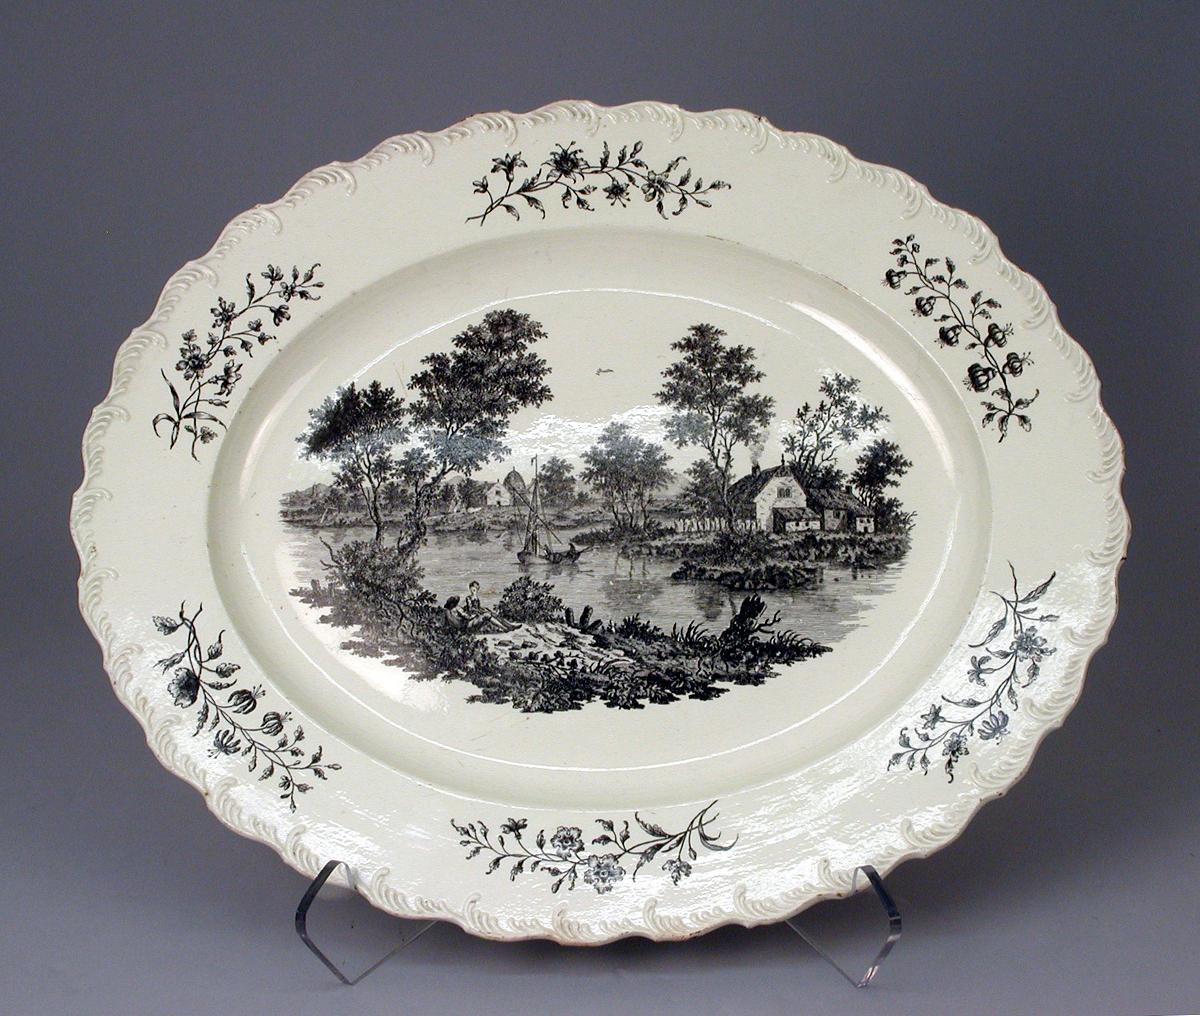 c 1780. Platter. Josiah Wedgwood. Credit metmuseum.org